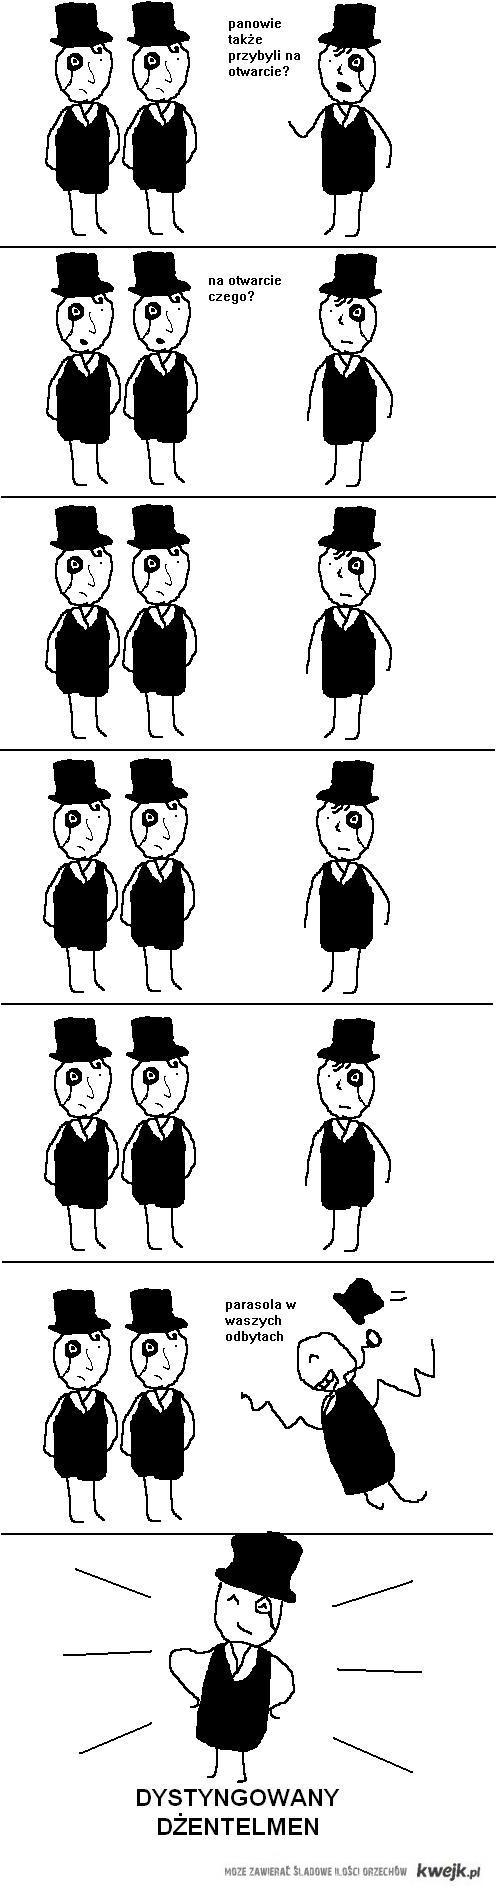 Dystyngowany Dżentelmen